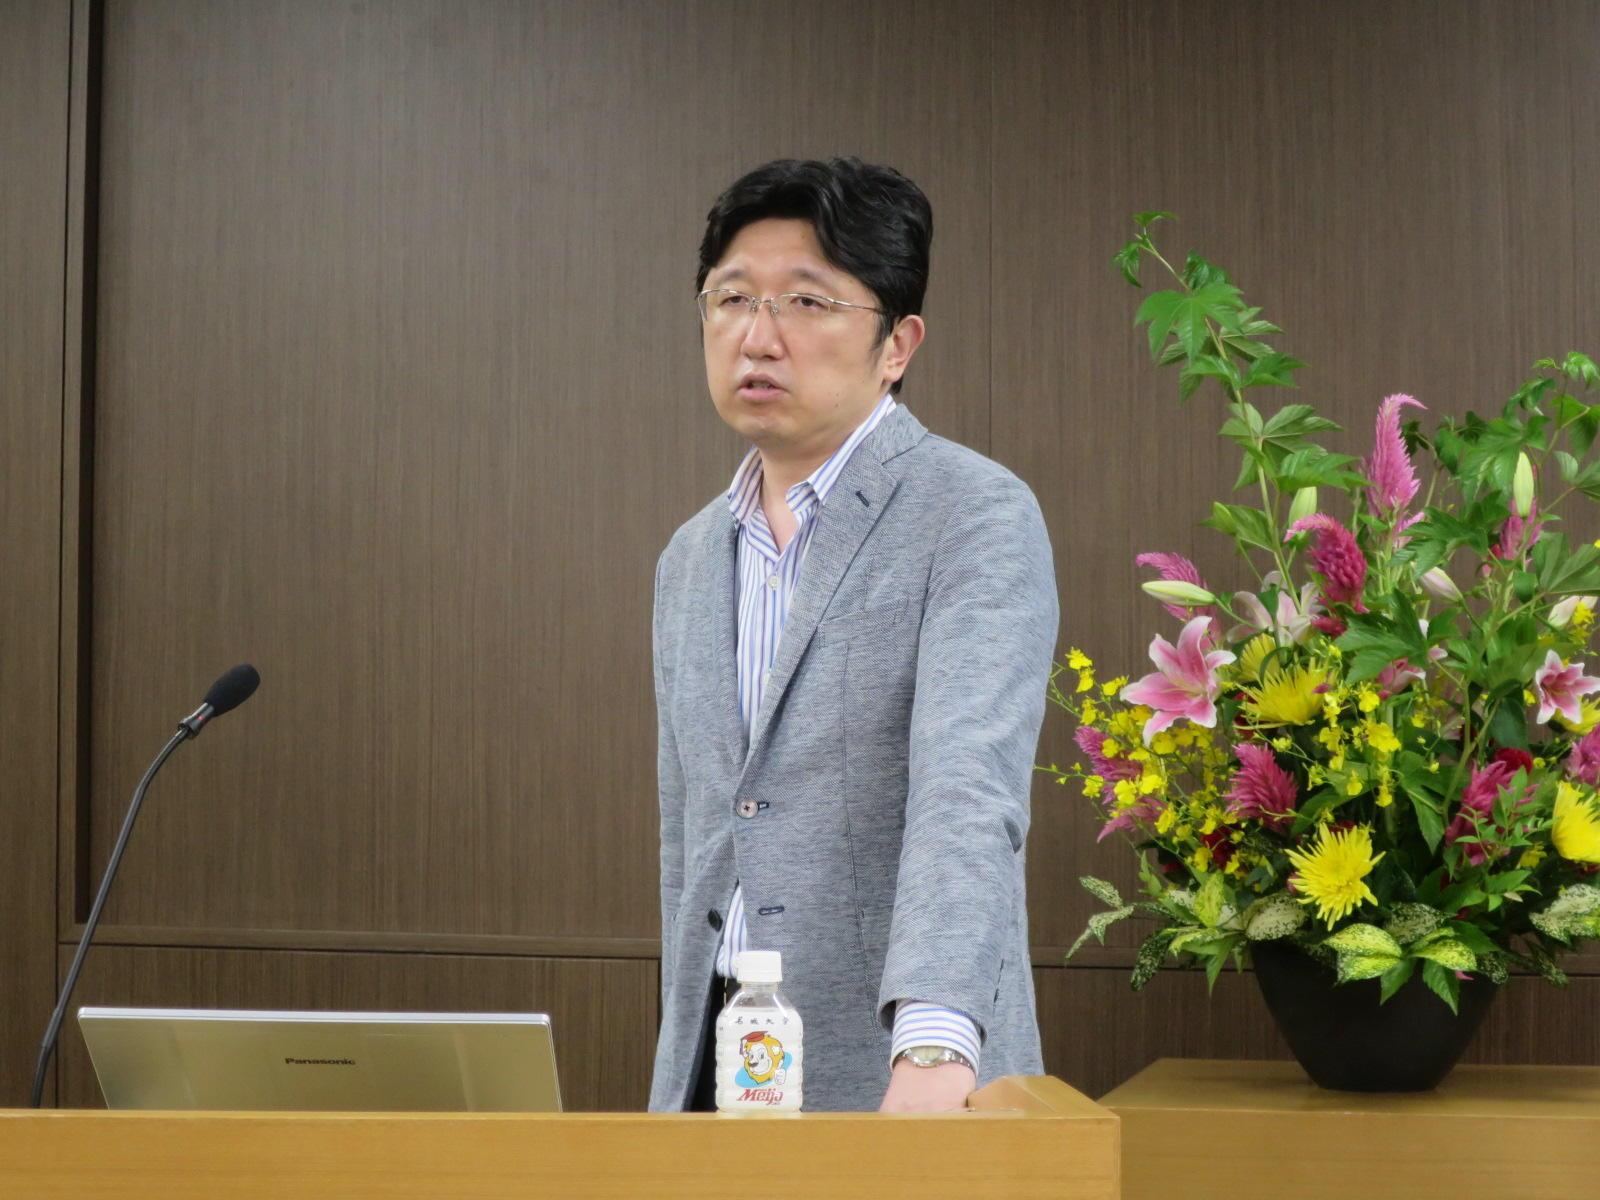 岩谷素顕教授